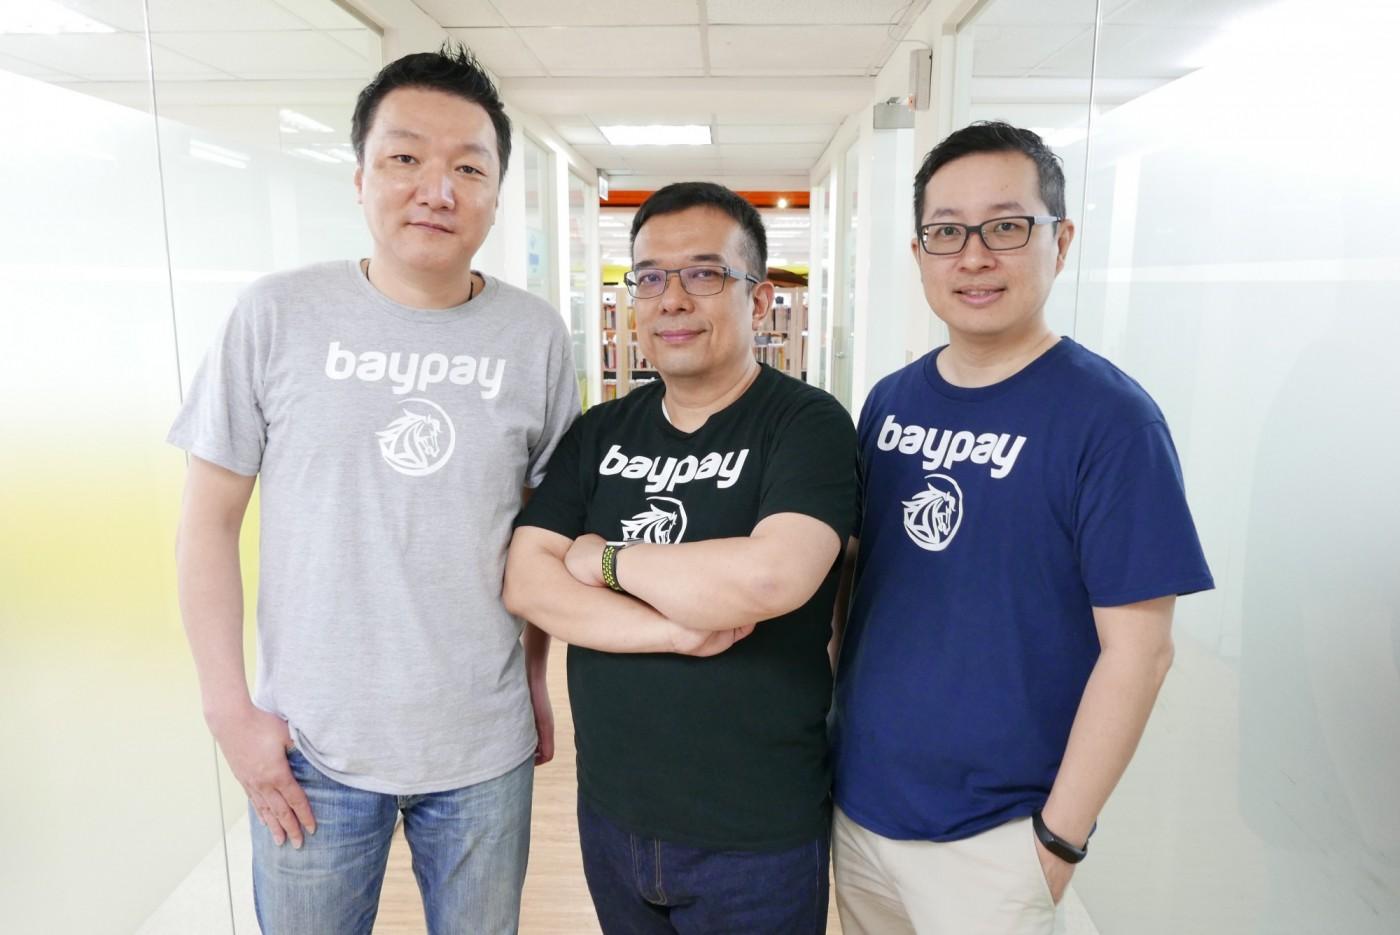 目標成為區塊鏈界PayPal!BayPay打造區塊鏈支付解決方案